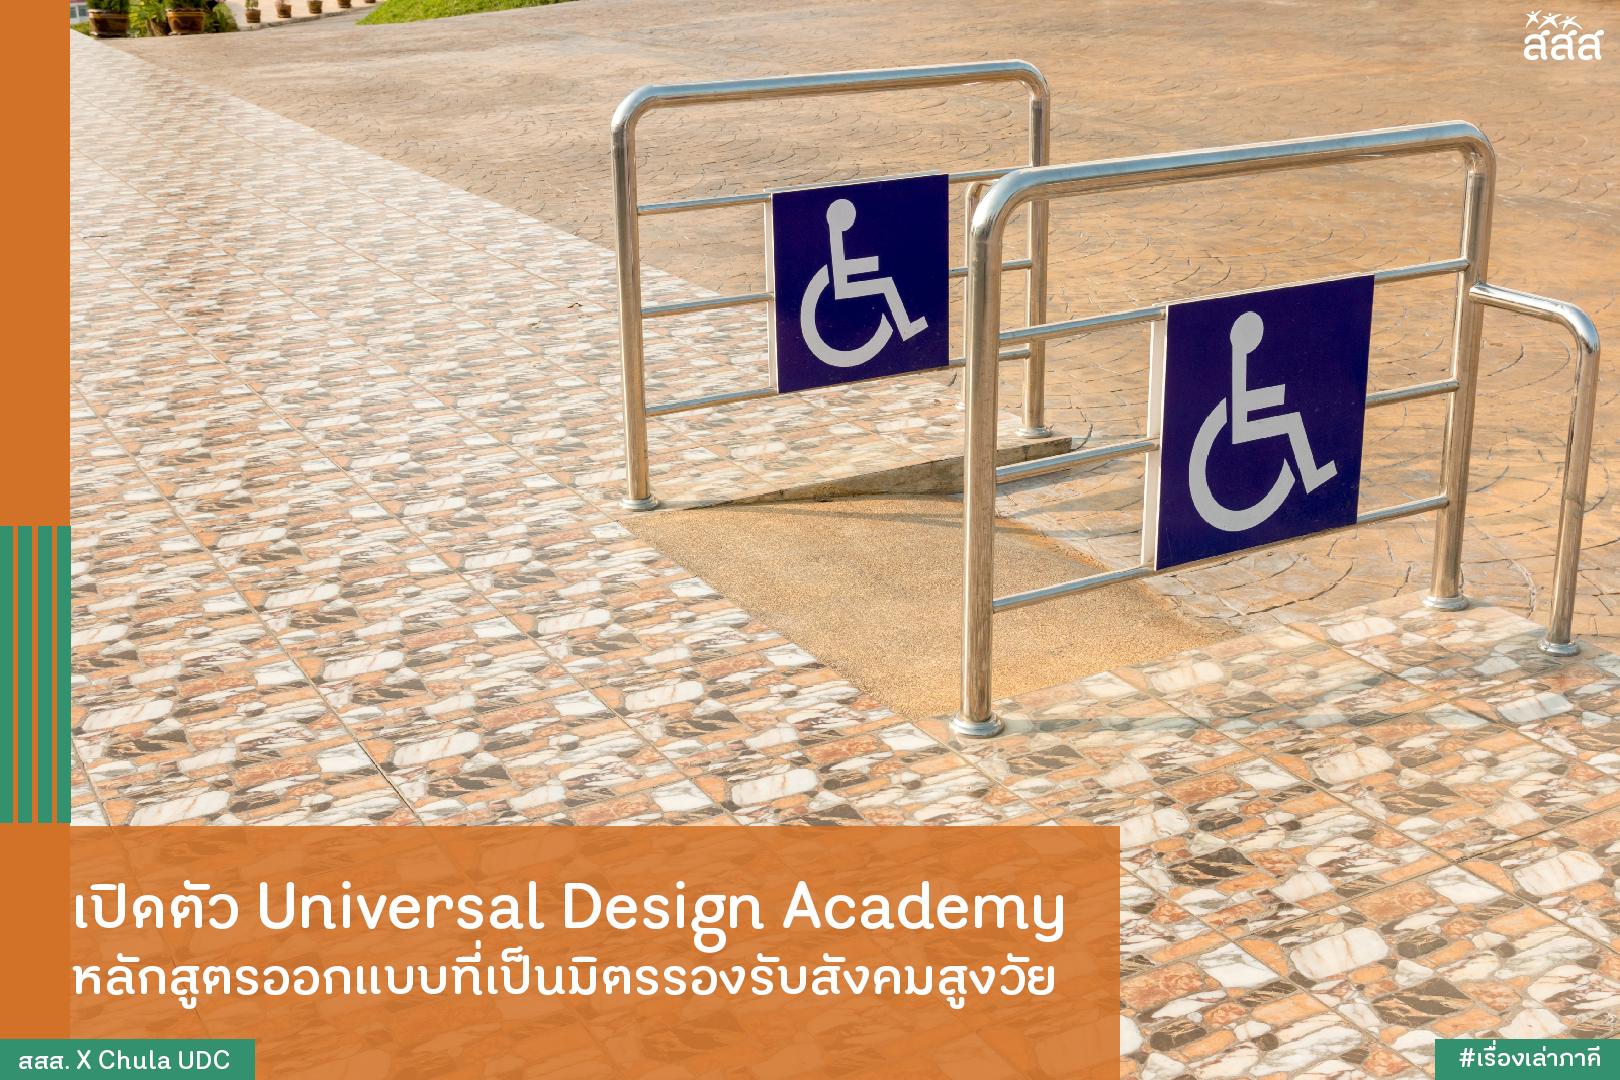 เปิดตัว Universal Design Academy หลักสูตรออกแบบที่เป็นมิตรรองรับสังคมสูงวัย thaihealth